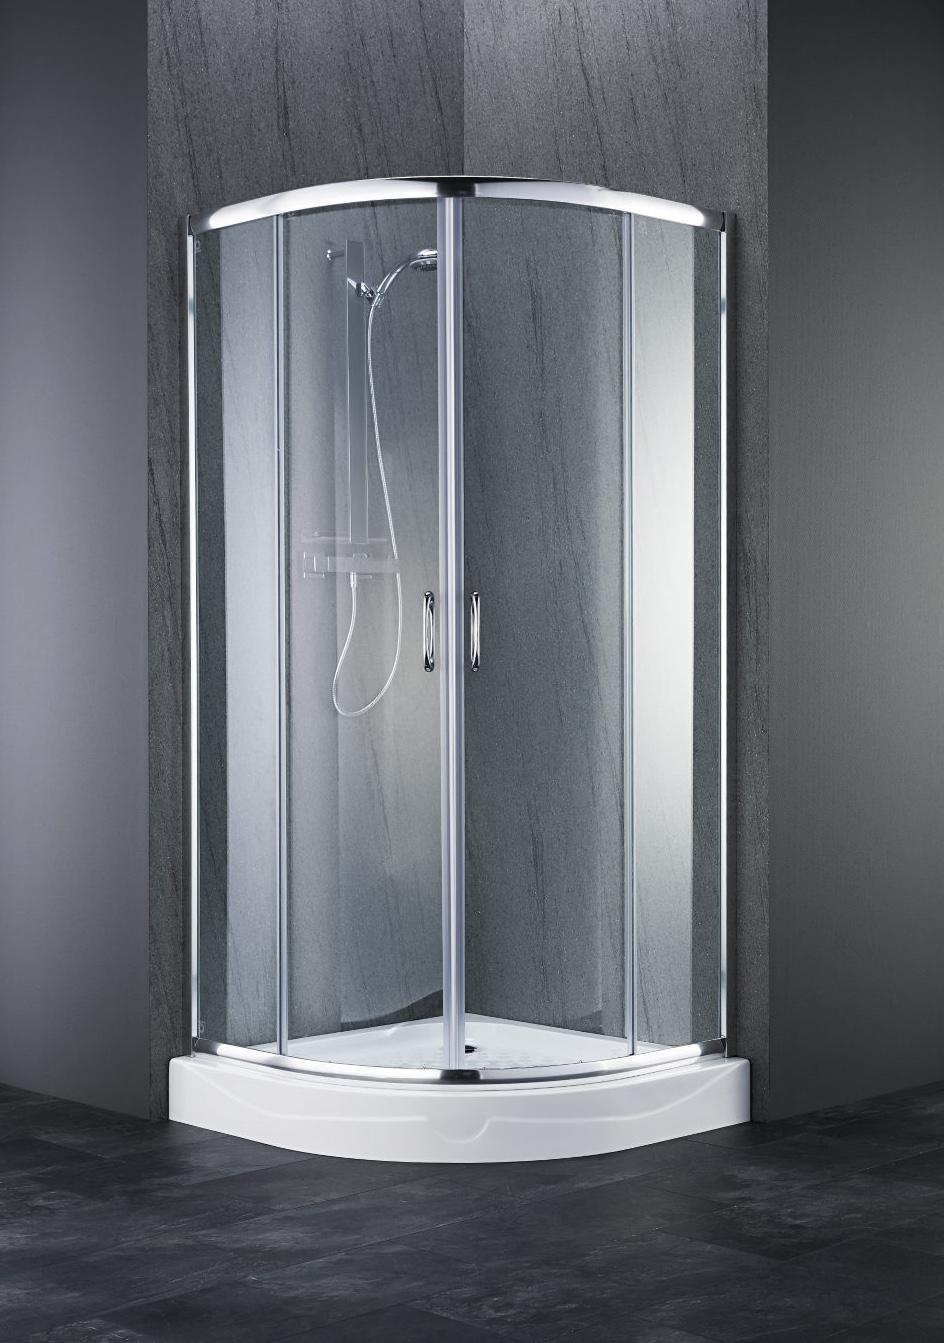 runddusche dusche duschwanne t r 90x90 metallgriff 7120000 ebay. Black Bedroom Furniture Sets. Home Design Ideas